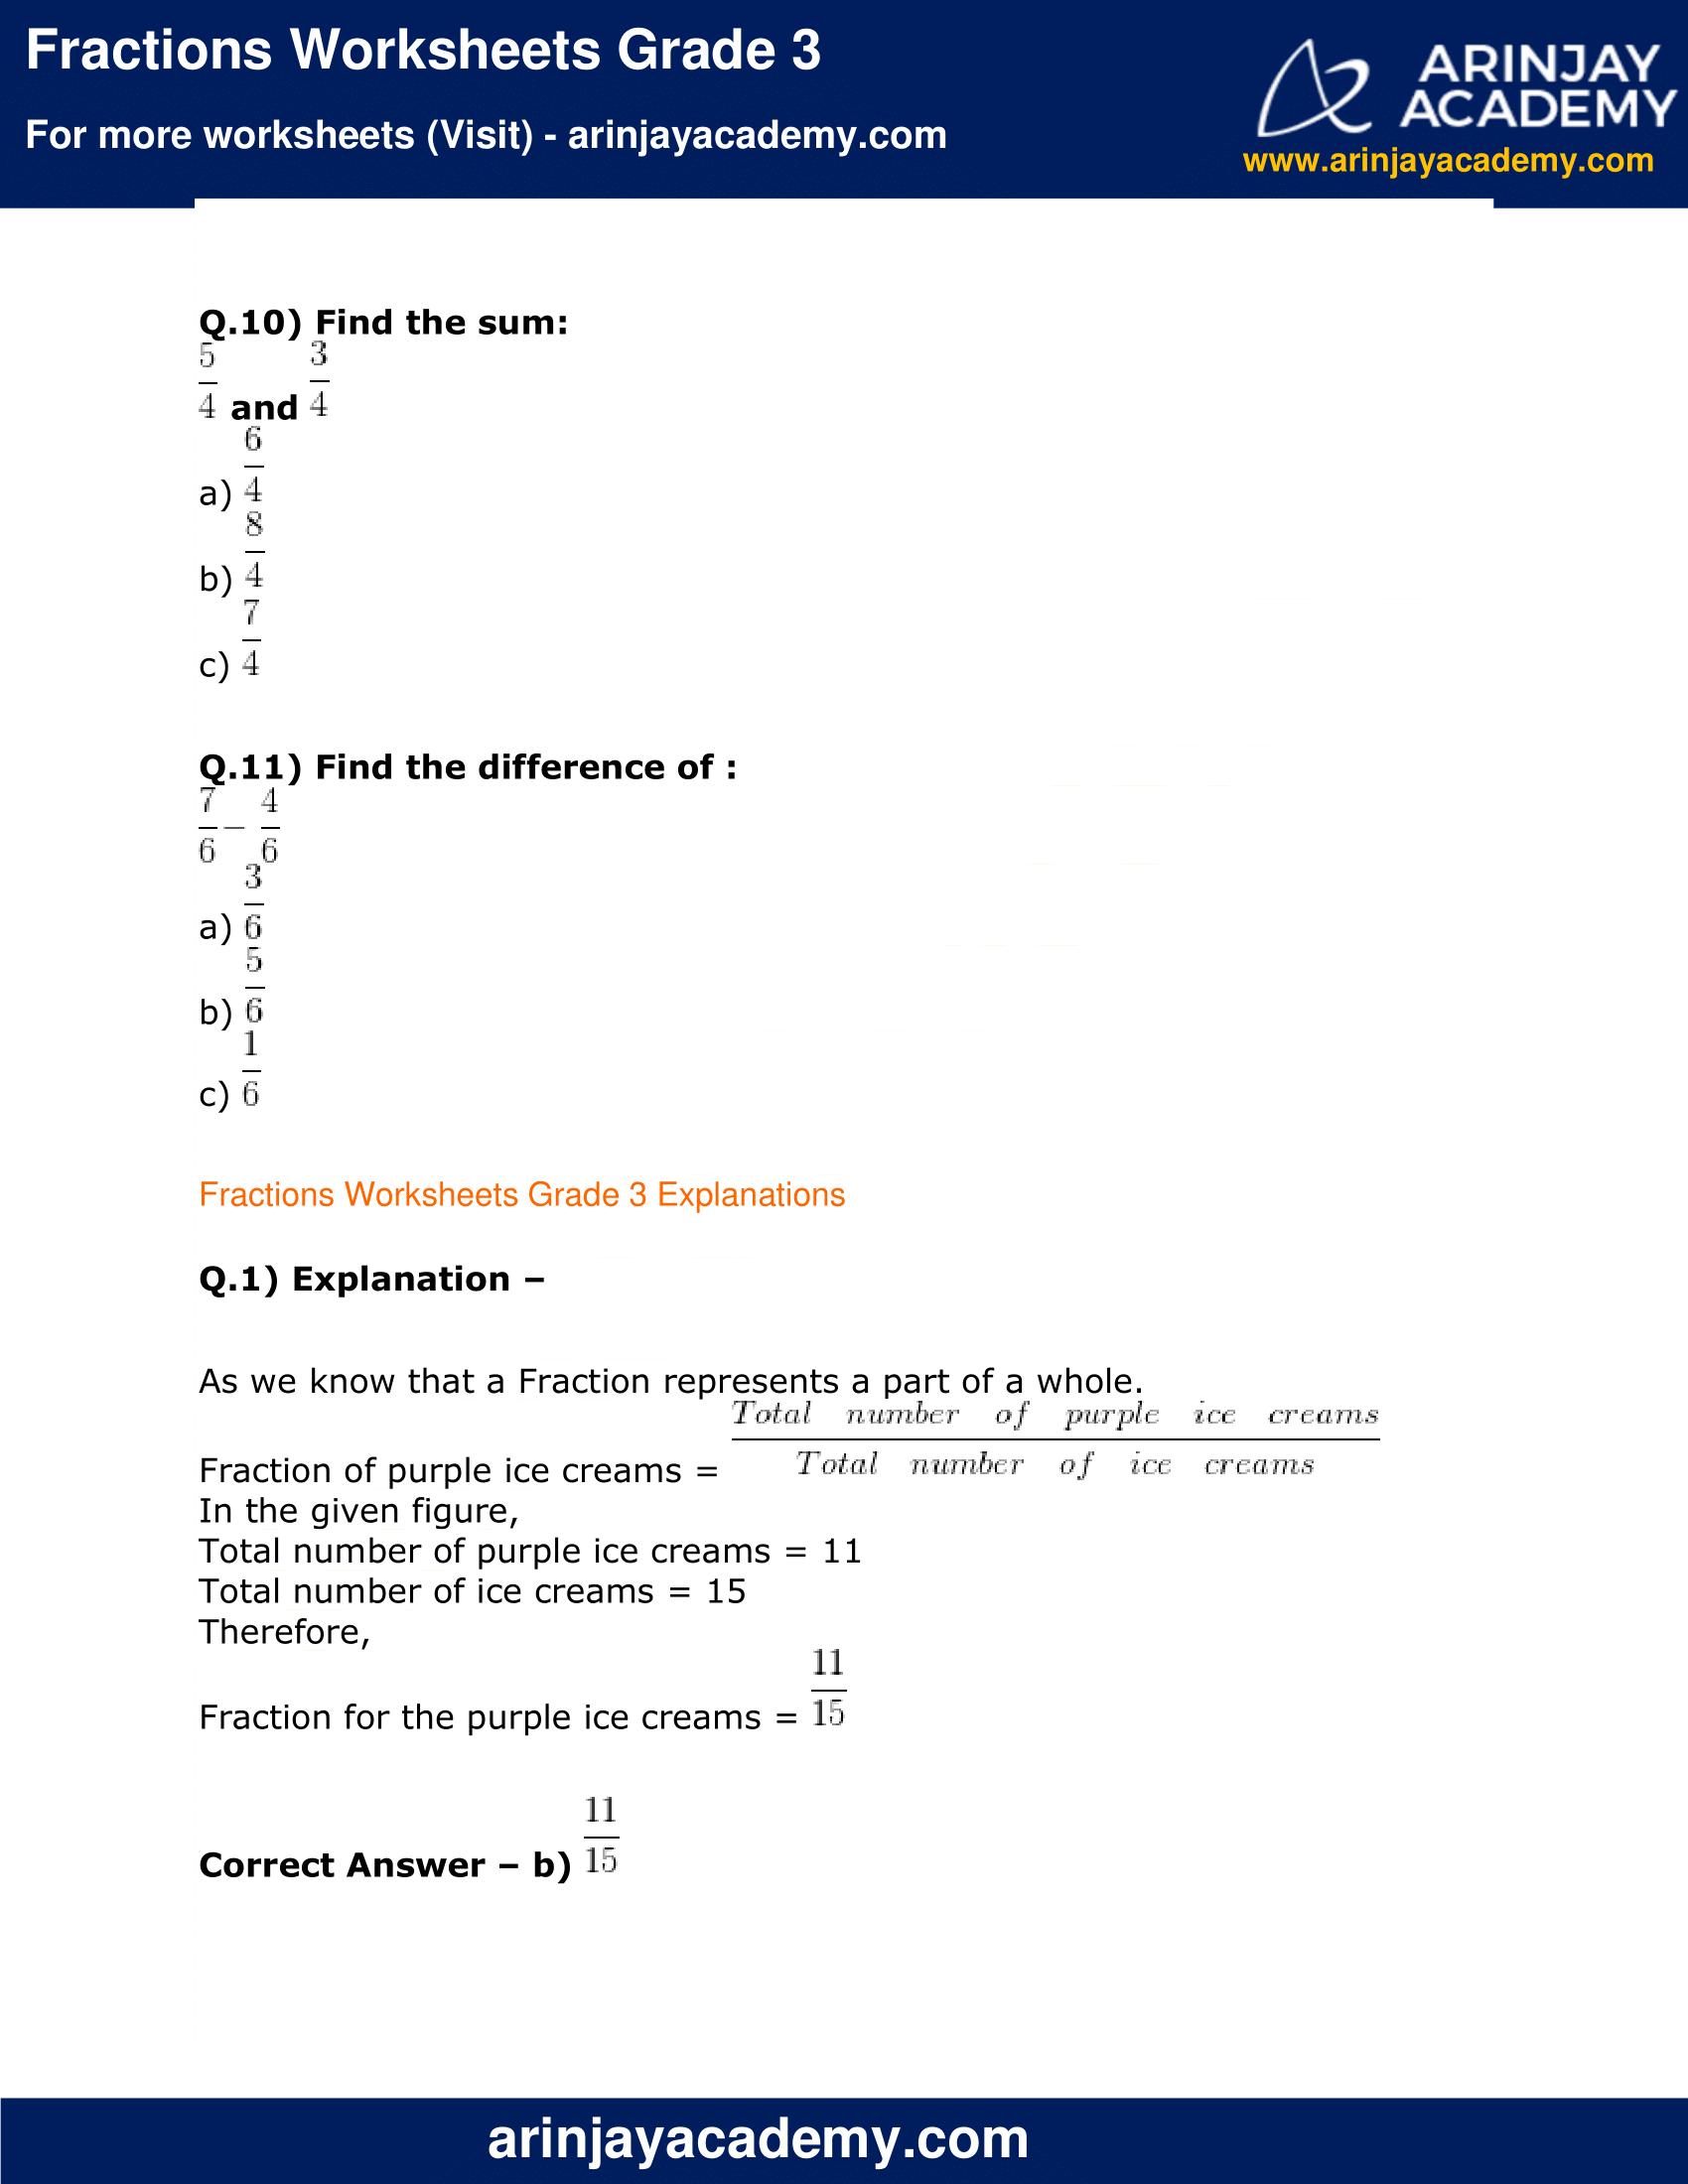 Fractions Worksheets Grade 3 image 3